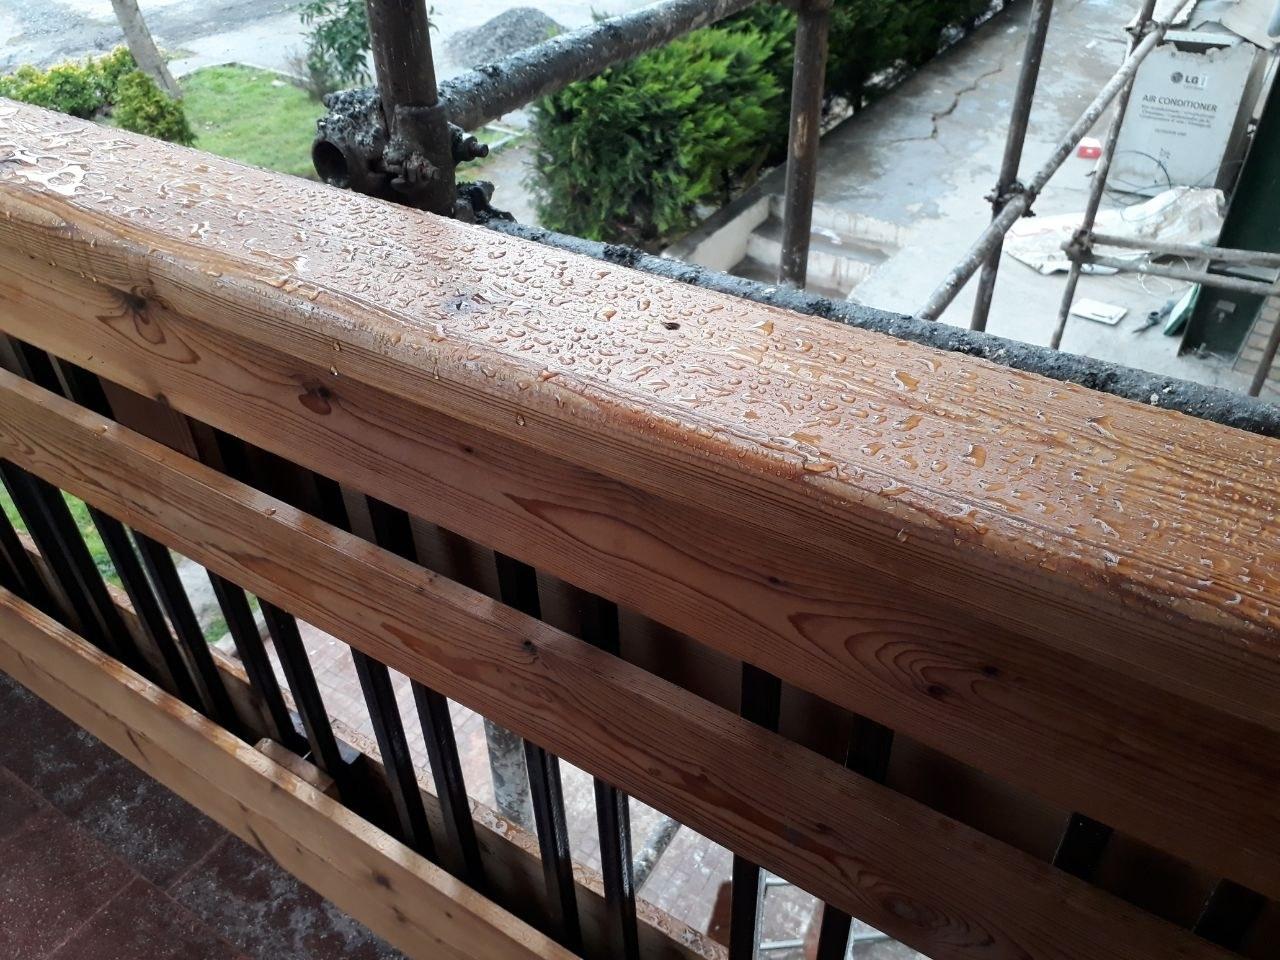 تصویر نانو رزین آبگریز - ضدآب و ضدحریق کردن چوب. ۱L